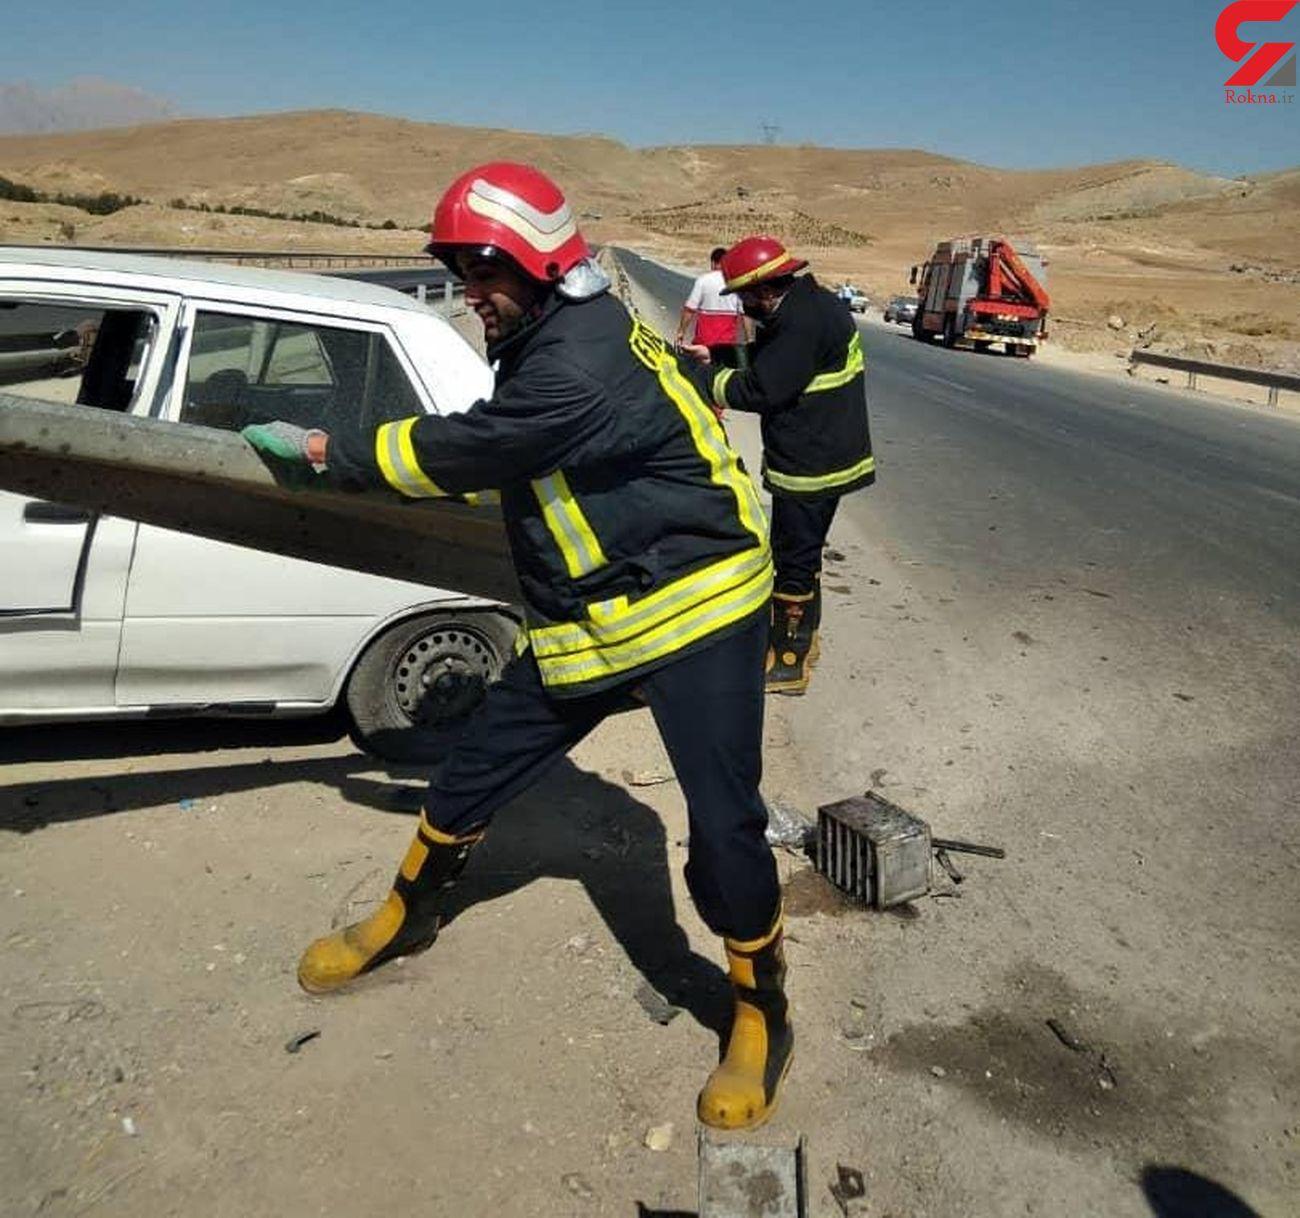 برخورد پراید با گاردریل حادثه آفرید/ در کمربندی شرقی کرمانشاه رخ داد